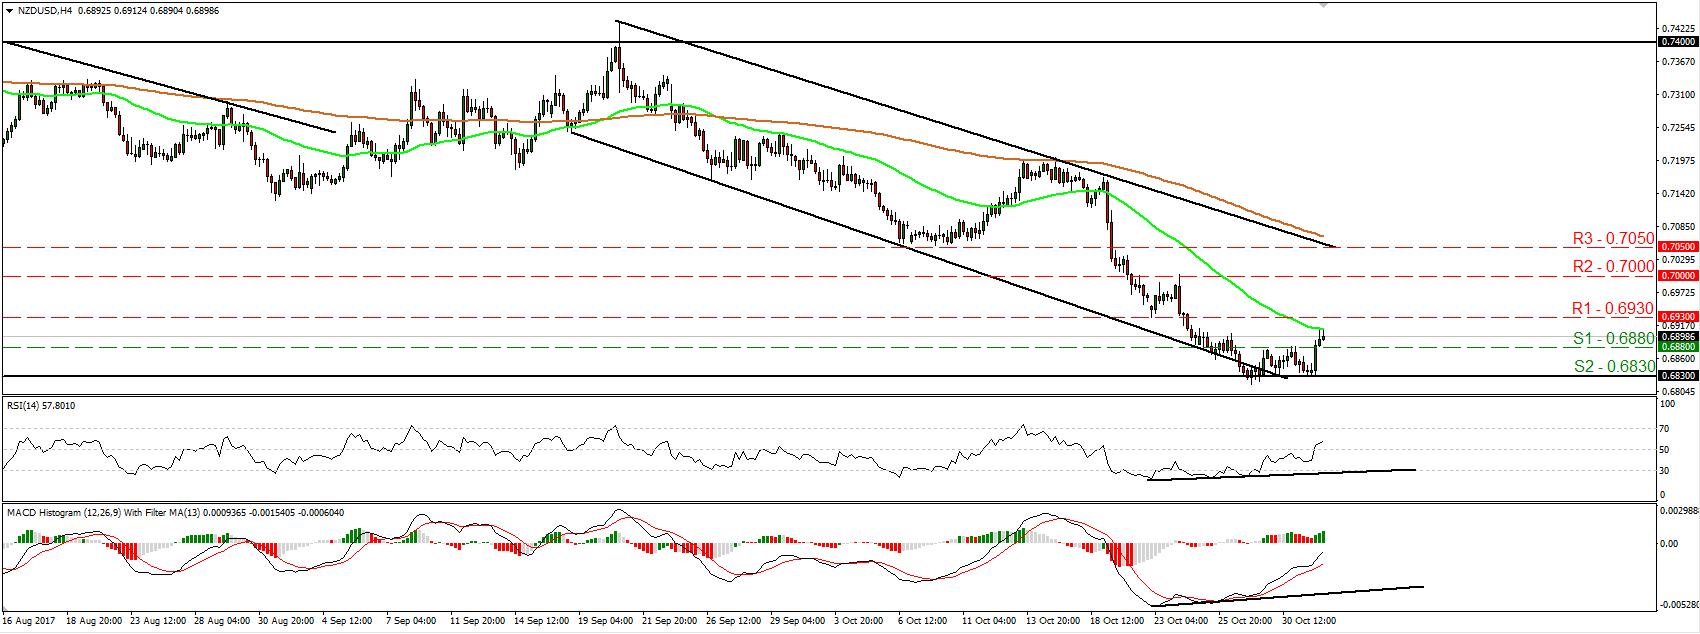 NZD/USD 01 Nov 2017 | Econ Alerts